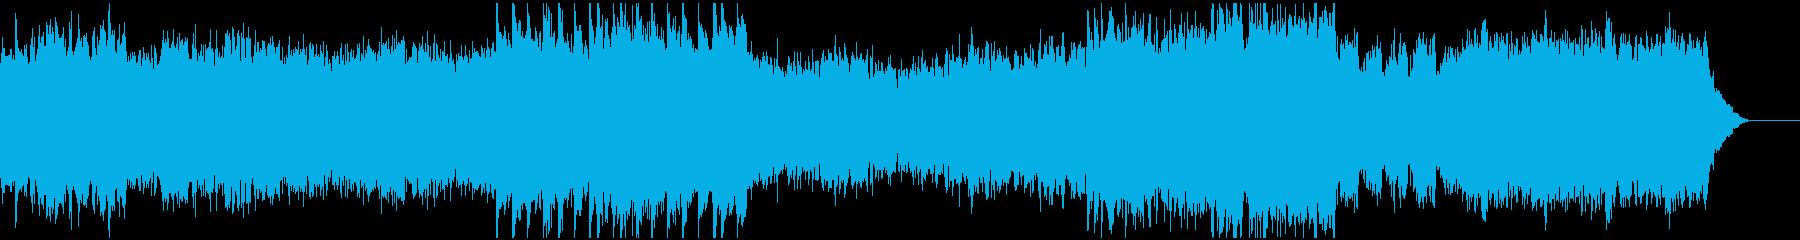 クラシックな雰囲気のソングの再生済みの波形